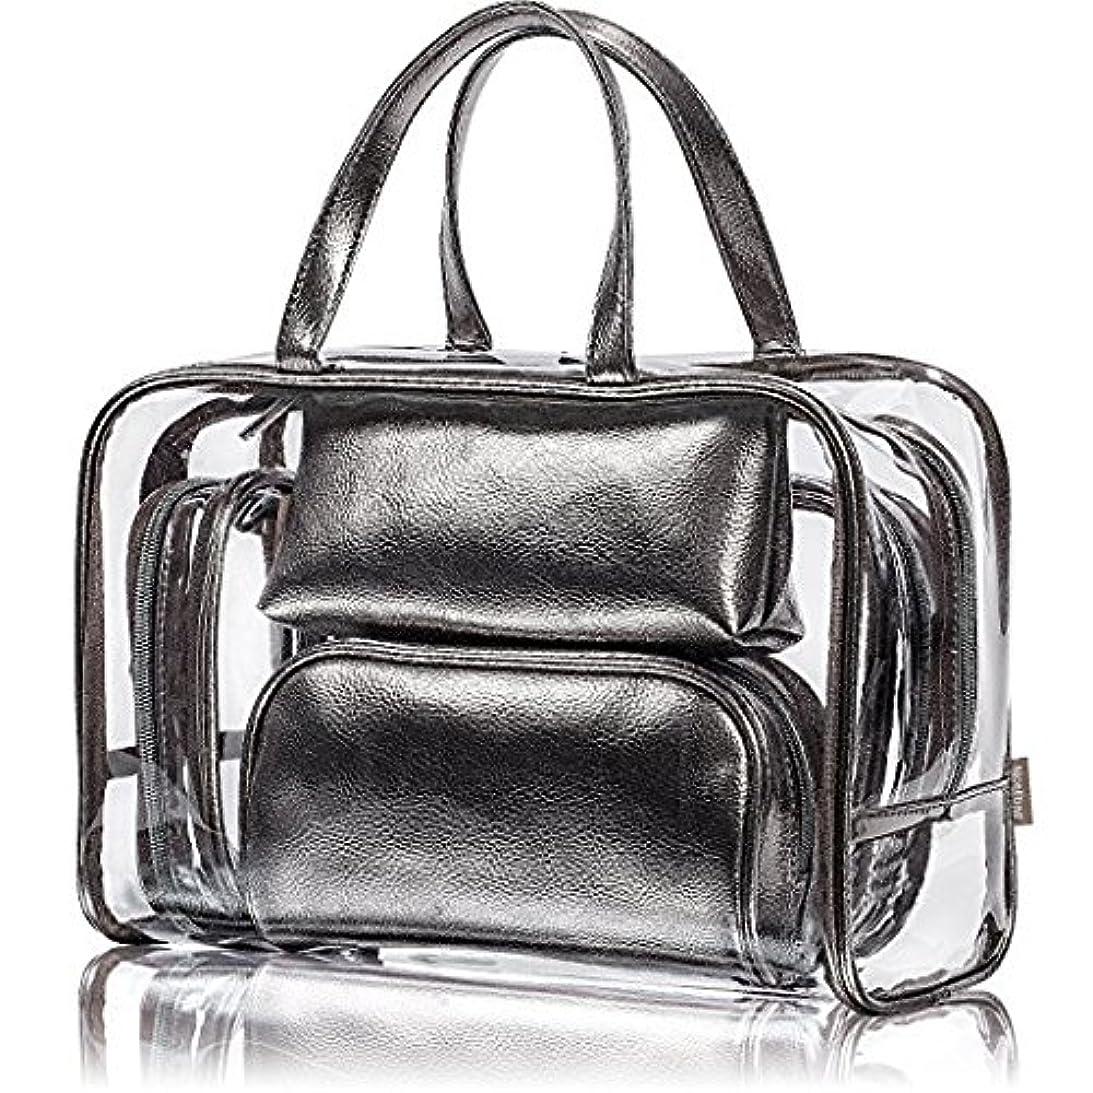 合金広々チロNiceEbag 透明バック、ビニールバッグ、化粧品バッグ、化粧ポーチ、メイクポーチ、クリアバッグ、プールバック、ハンドバッグ、トートバッグ、スタイリッシュ、オシャレ、かわいい、温泉、海、旅行 ビーチ ビジネス スパンコール 防水性 5個セットバック グレー